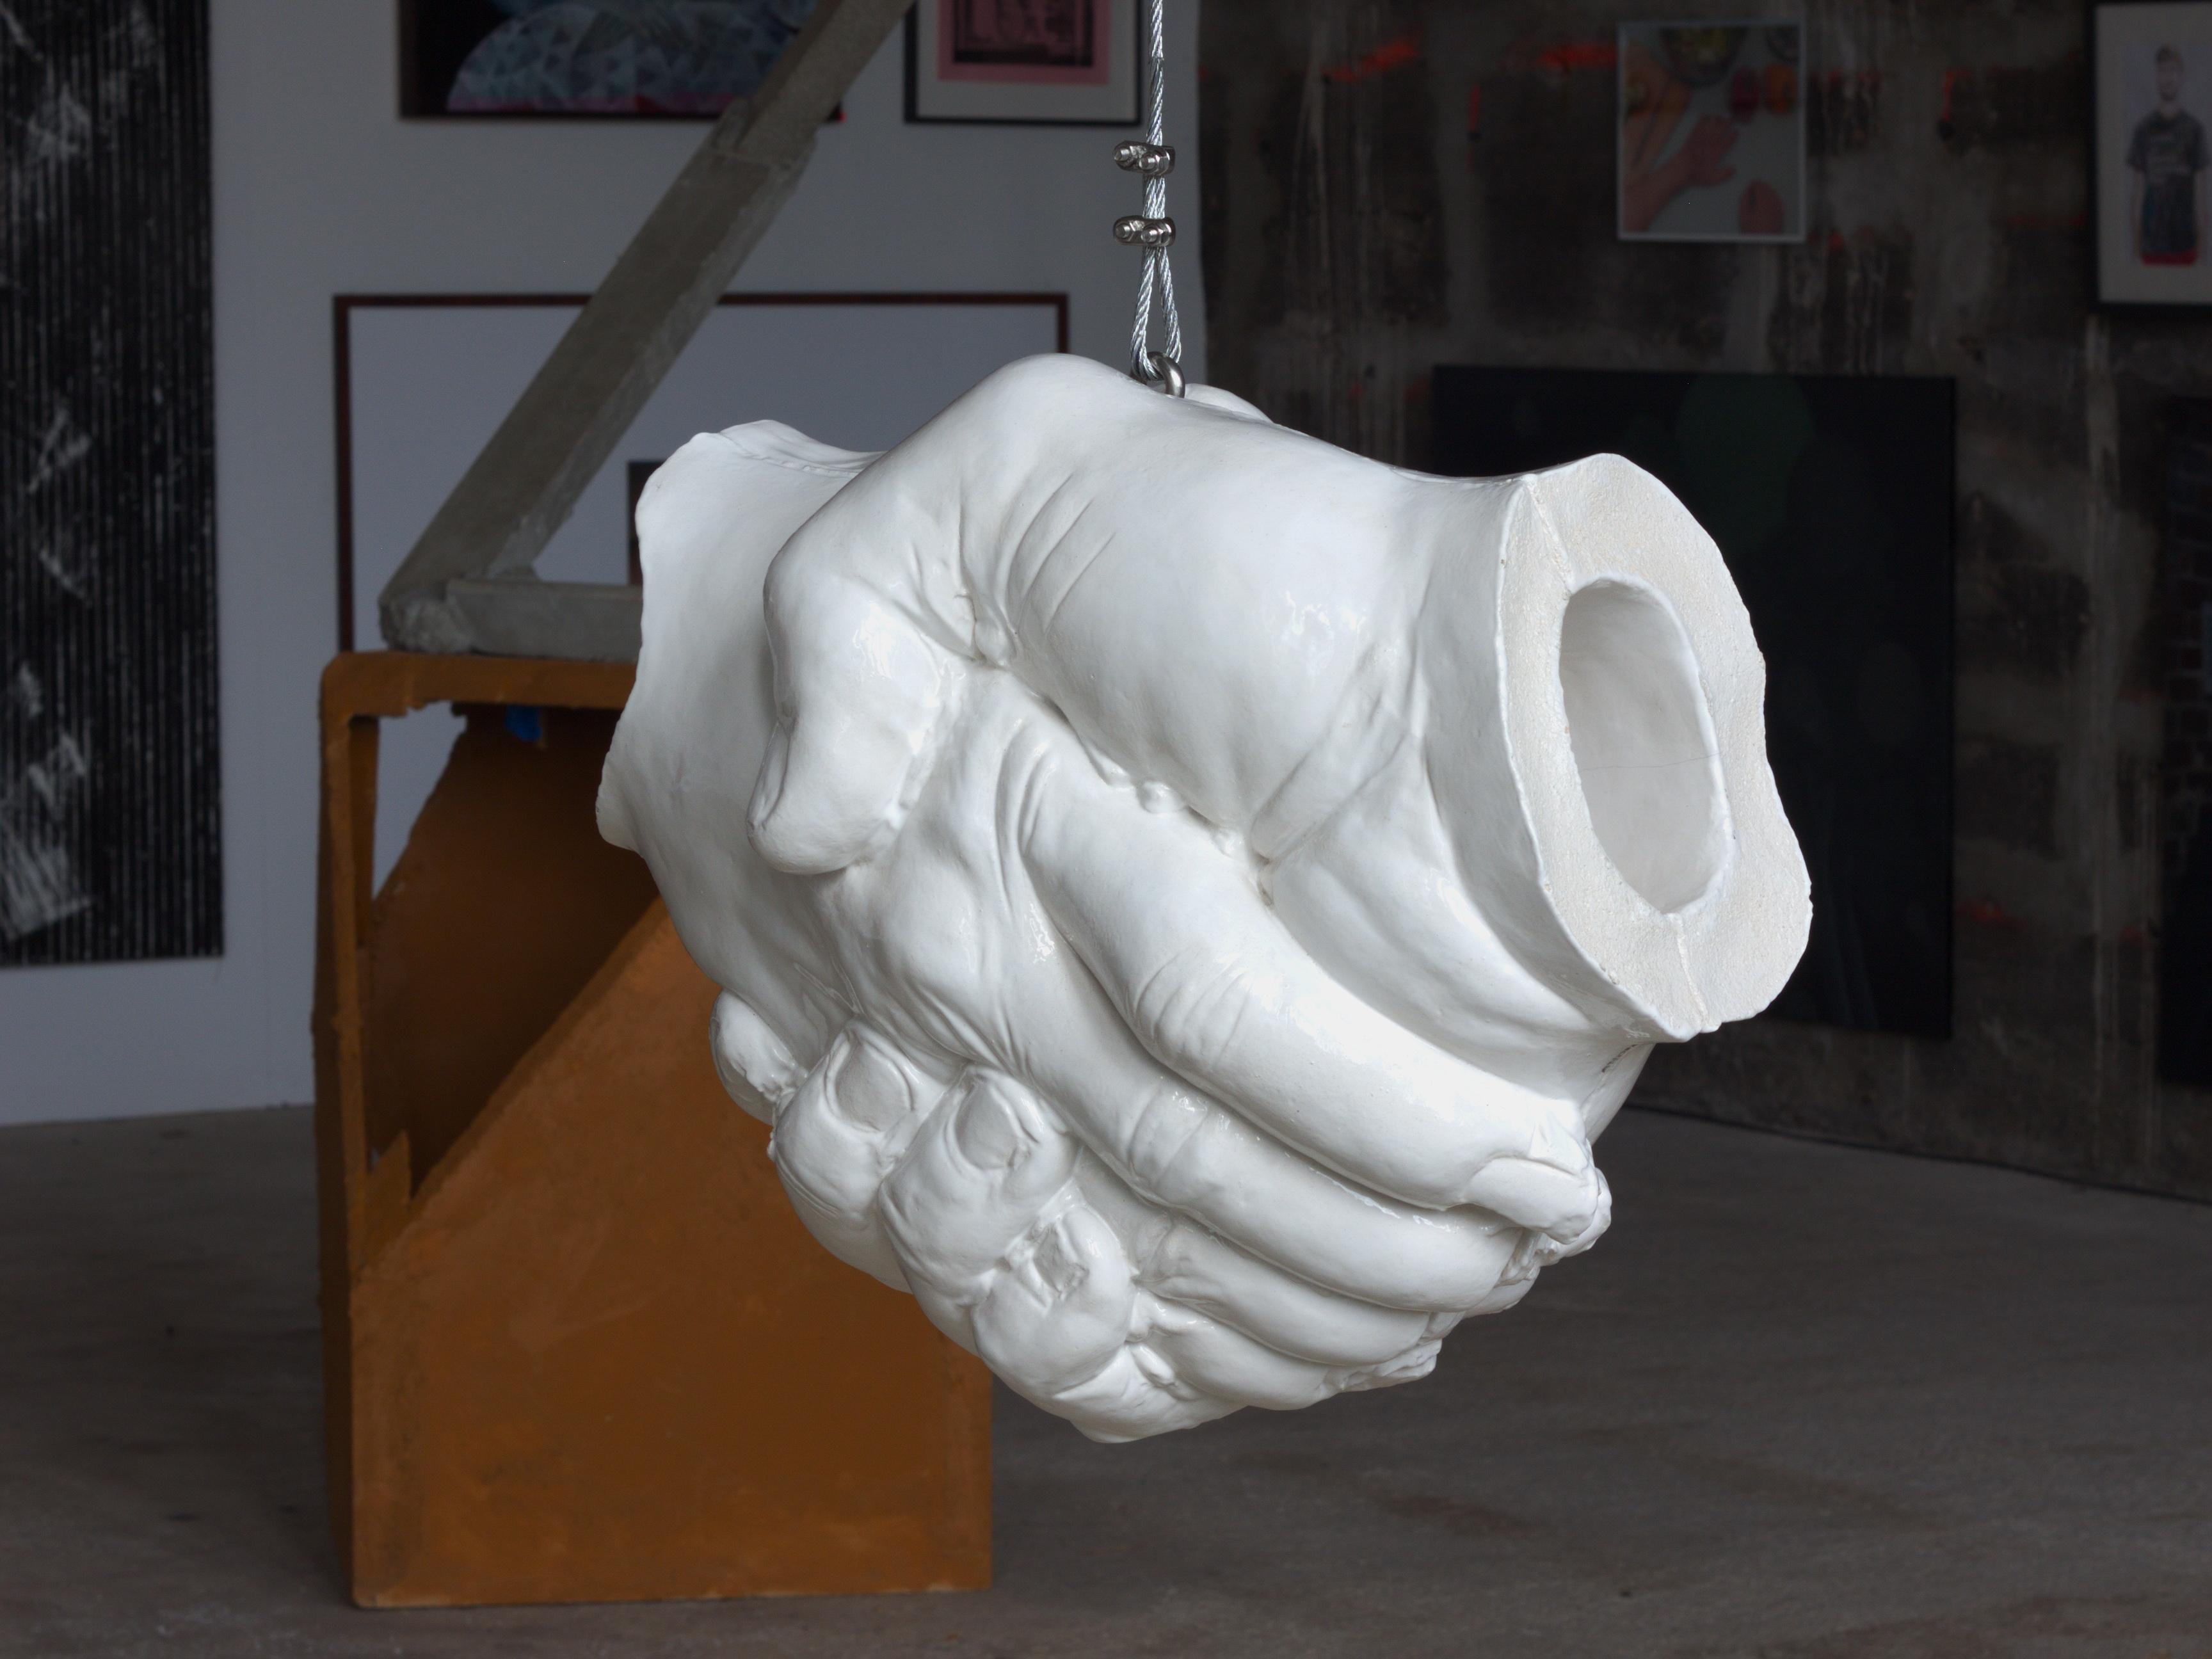 Handschlag, 2010 - white glazed Ceramik sculpture by Erik Andersen - Installation view at Kunstverein Familie Montez, Frankfurt